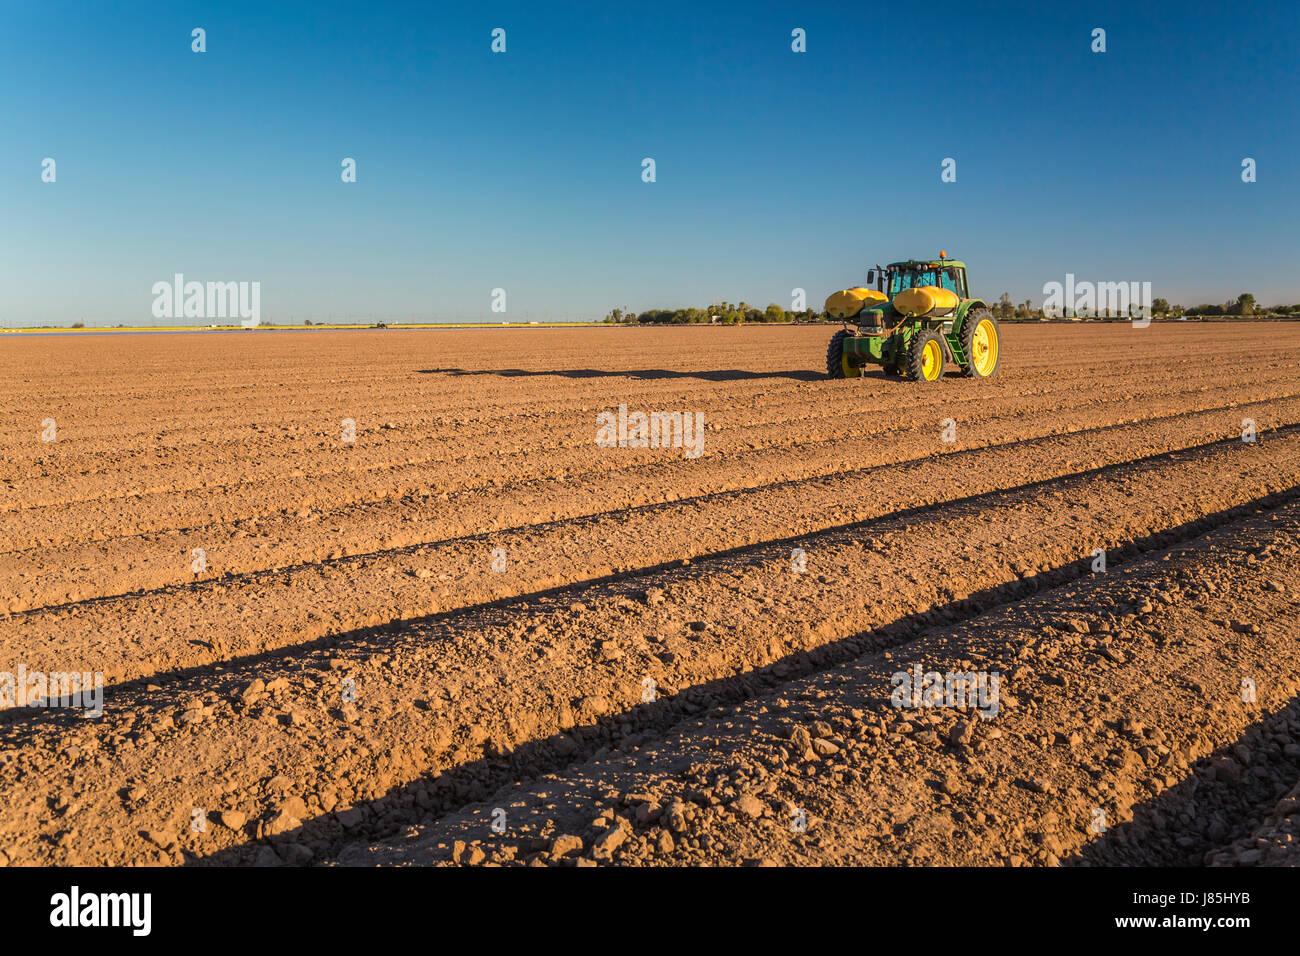 Un tracteur sur un terrain préparé pour l'irrigation dans l'Imperial Valley, California, USA. Photo Stock